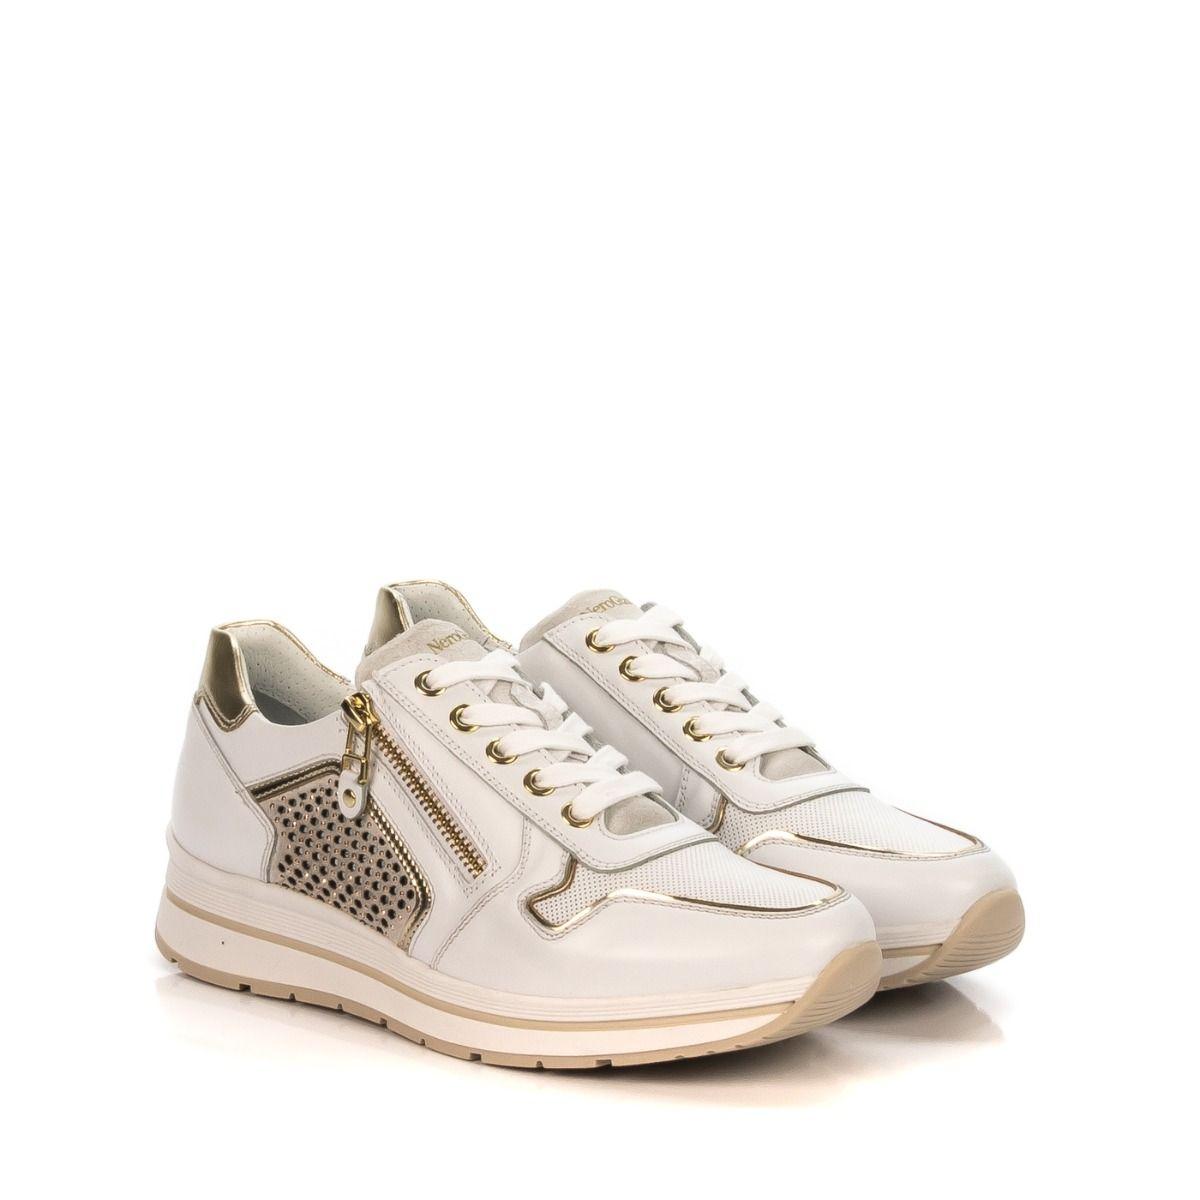 NERO GIARDINI Shoe bianco online in e Center Spedizione 707 donna Sneakers 5241D Shop da oro pelle gratuita ECqwtB